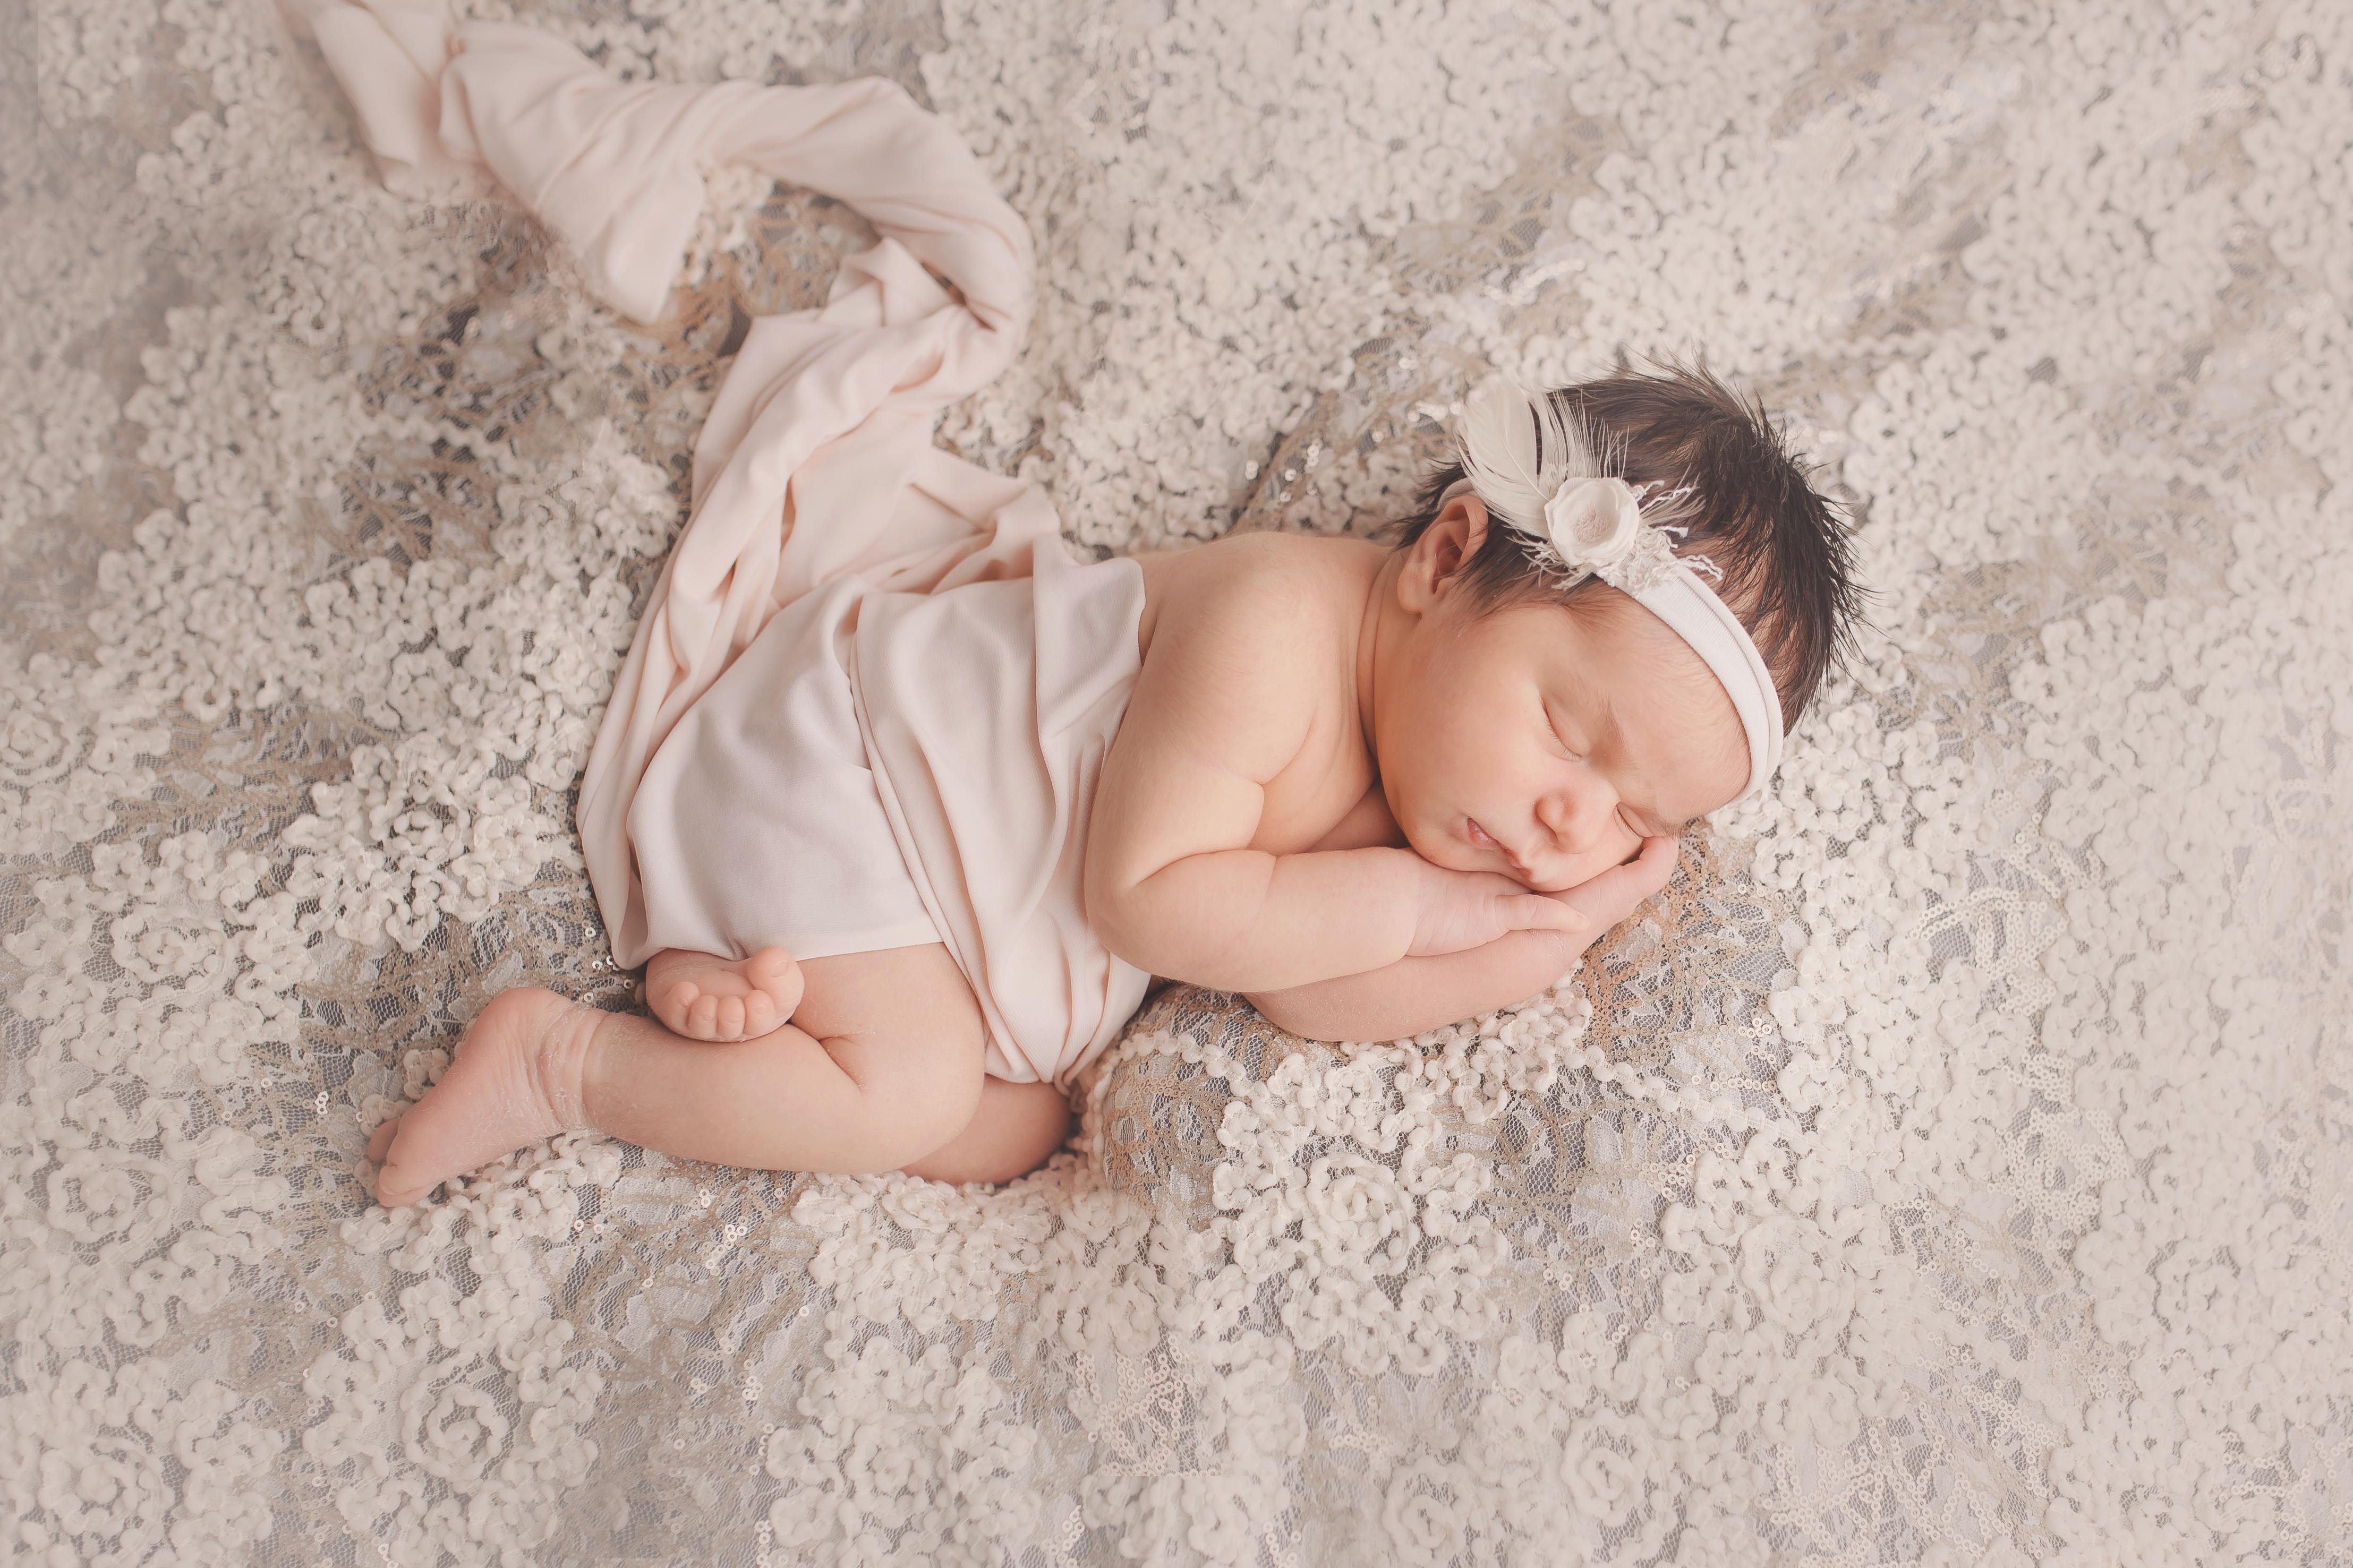 Ubstadt-Weiher besondere Neugeborenenfotos